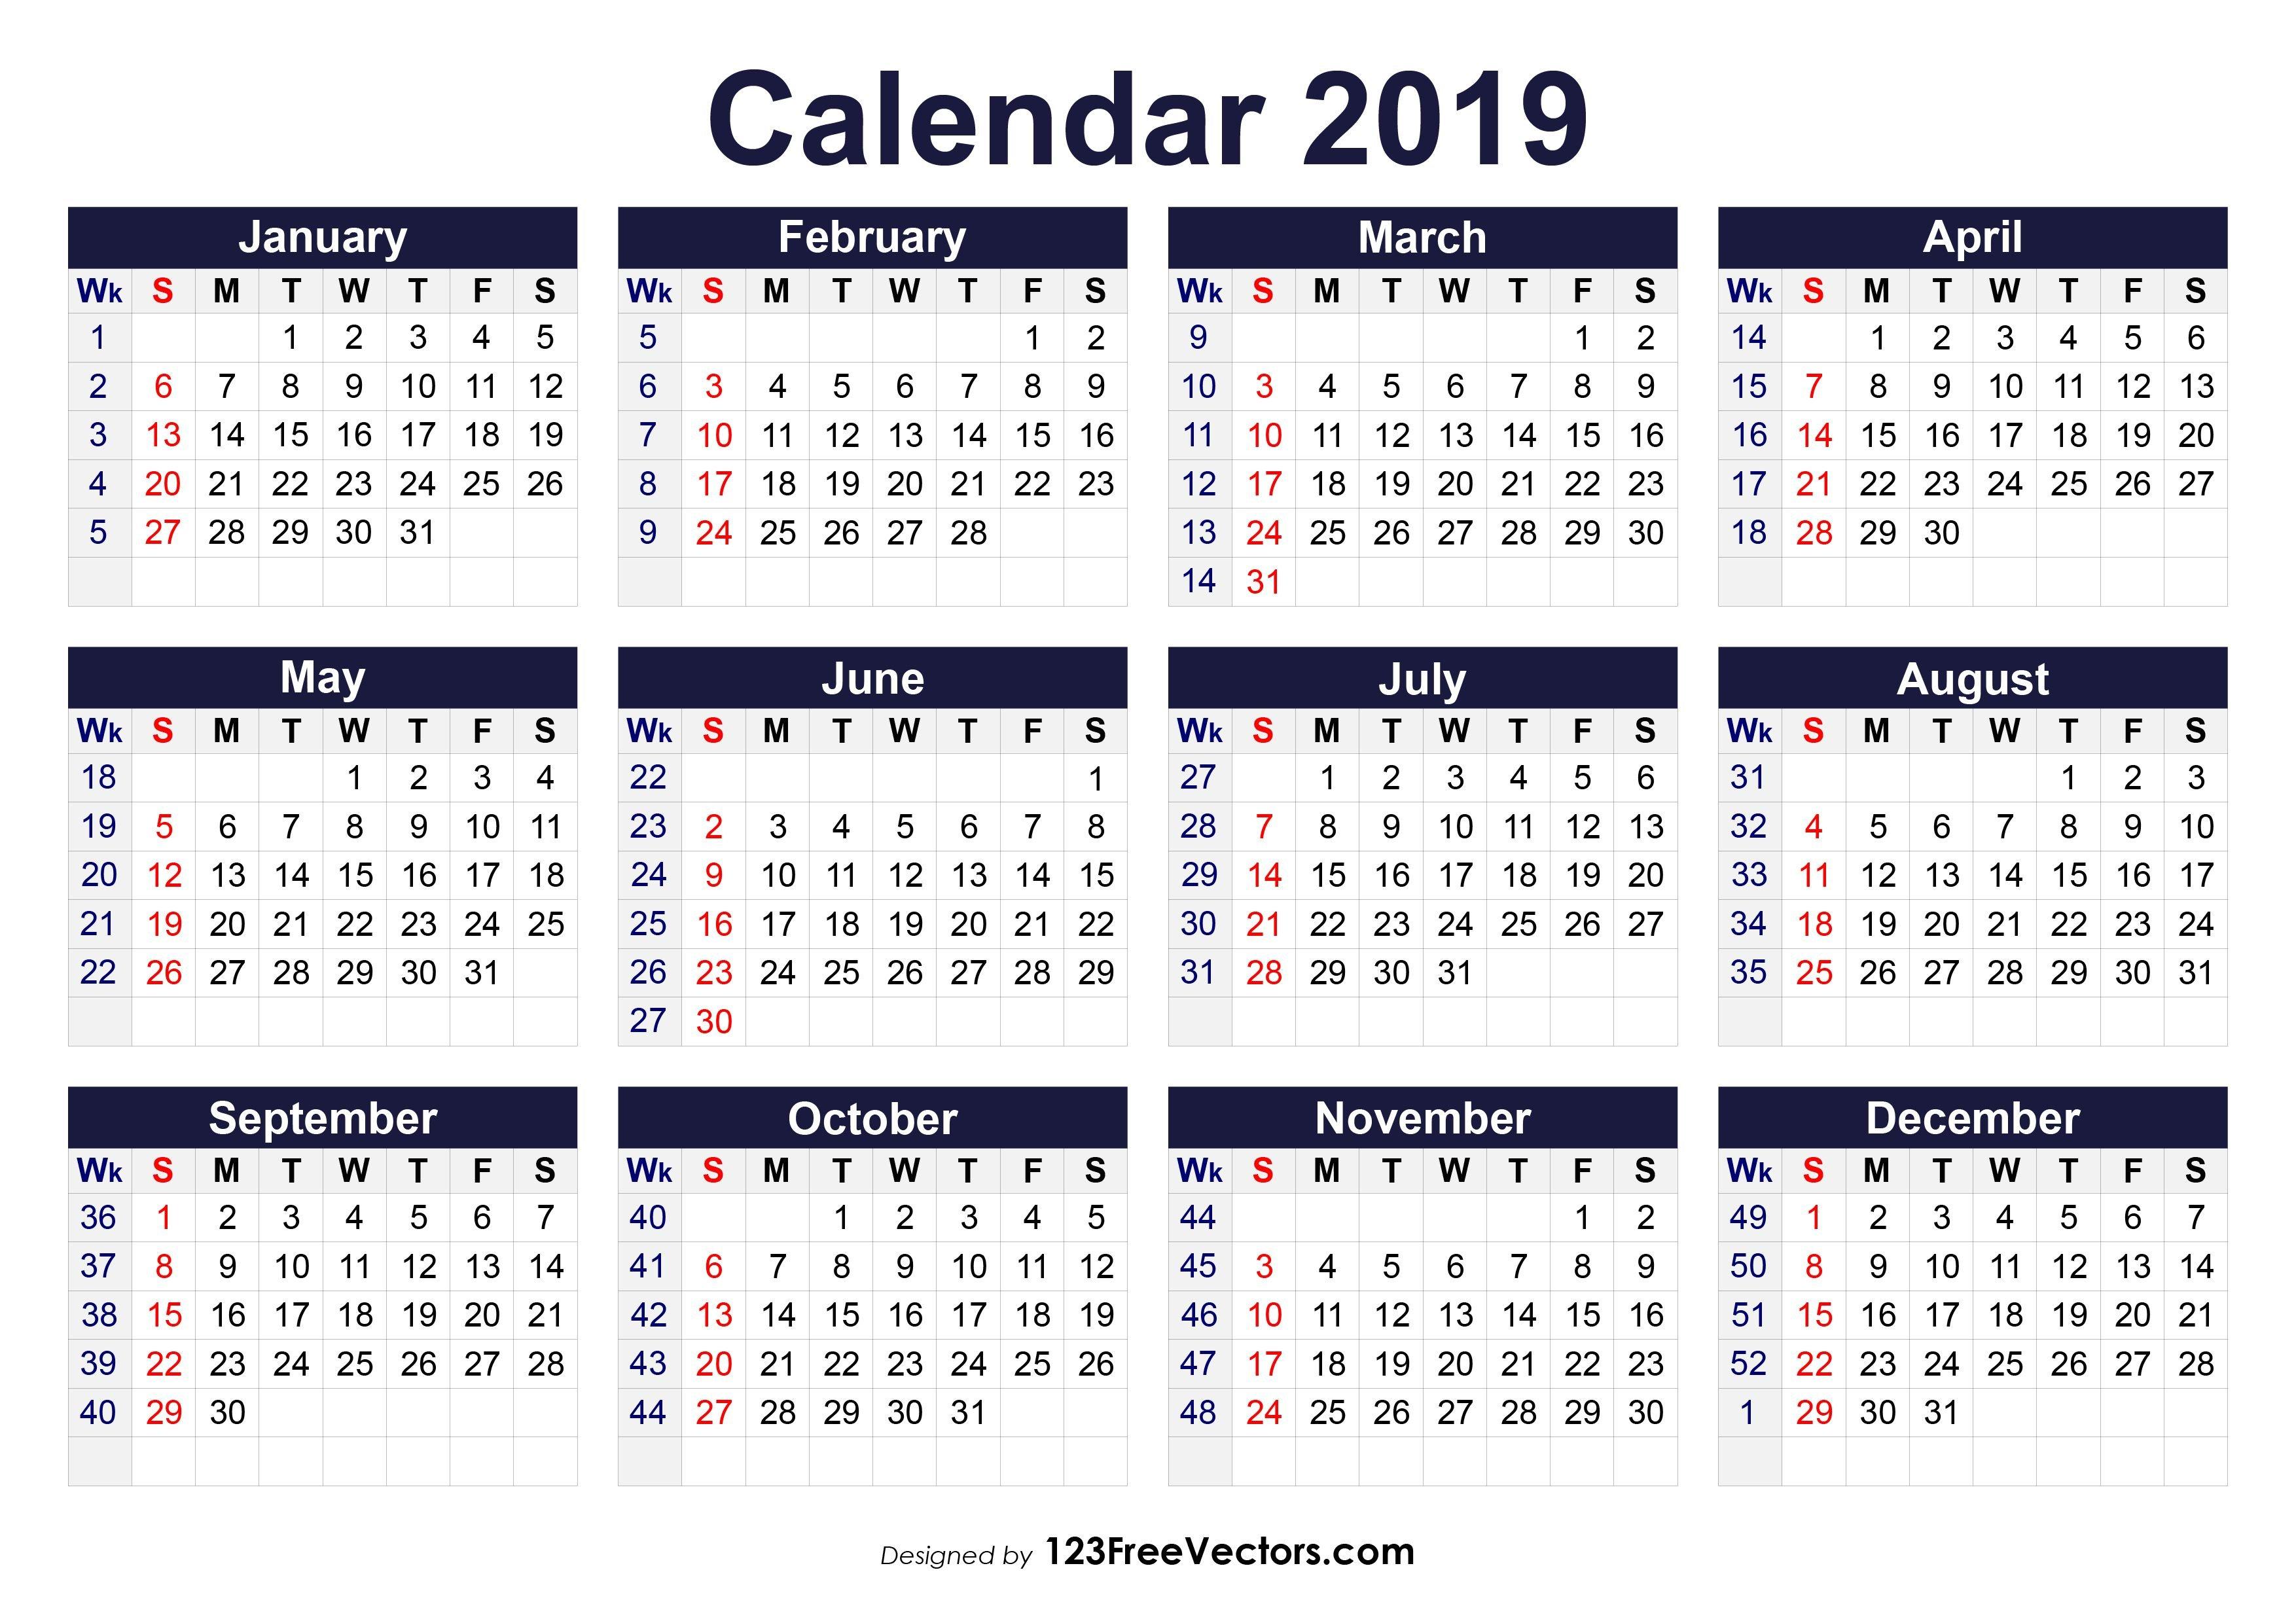 2019 Calendar Weeks Per Month - Kalender Plan Calendar 2019 Numbered Weeks